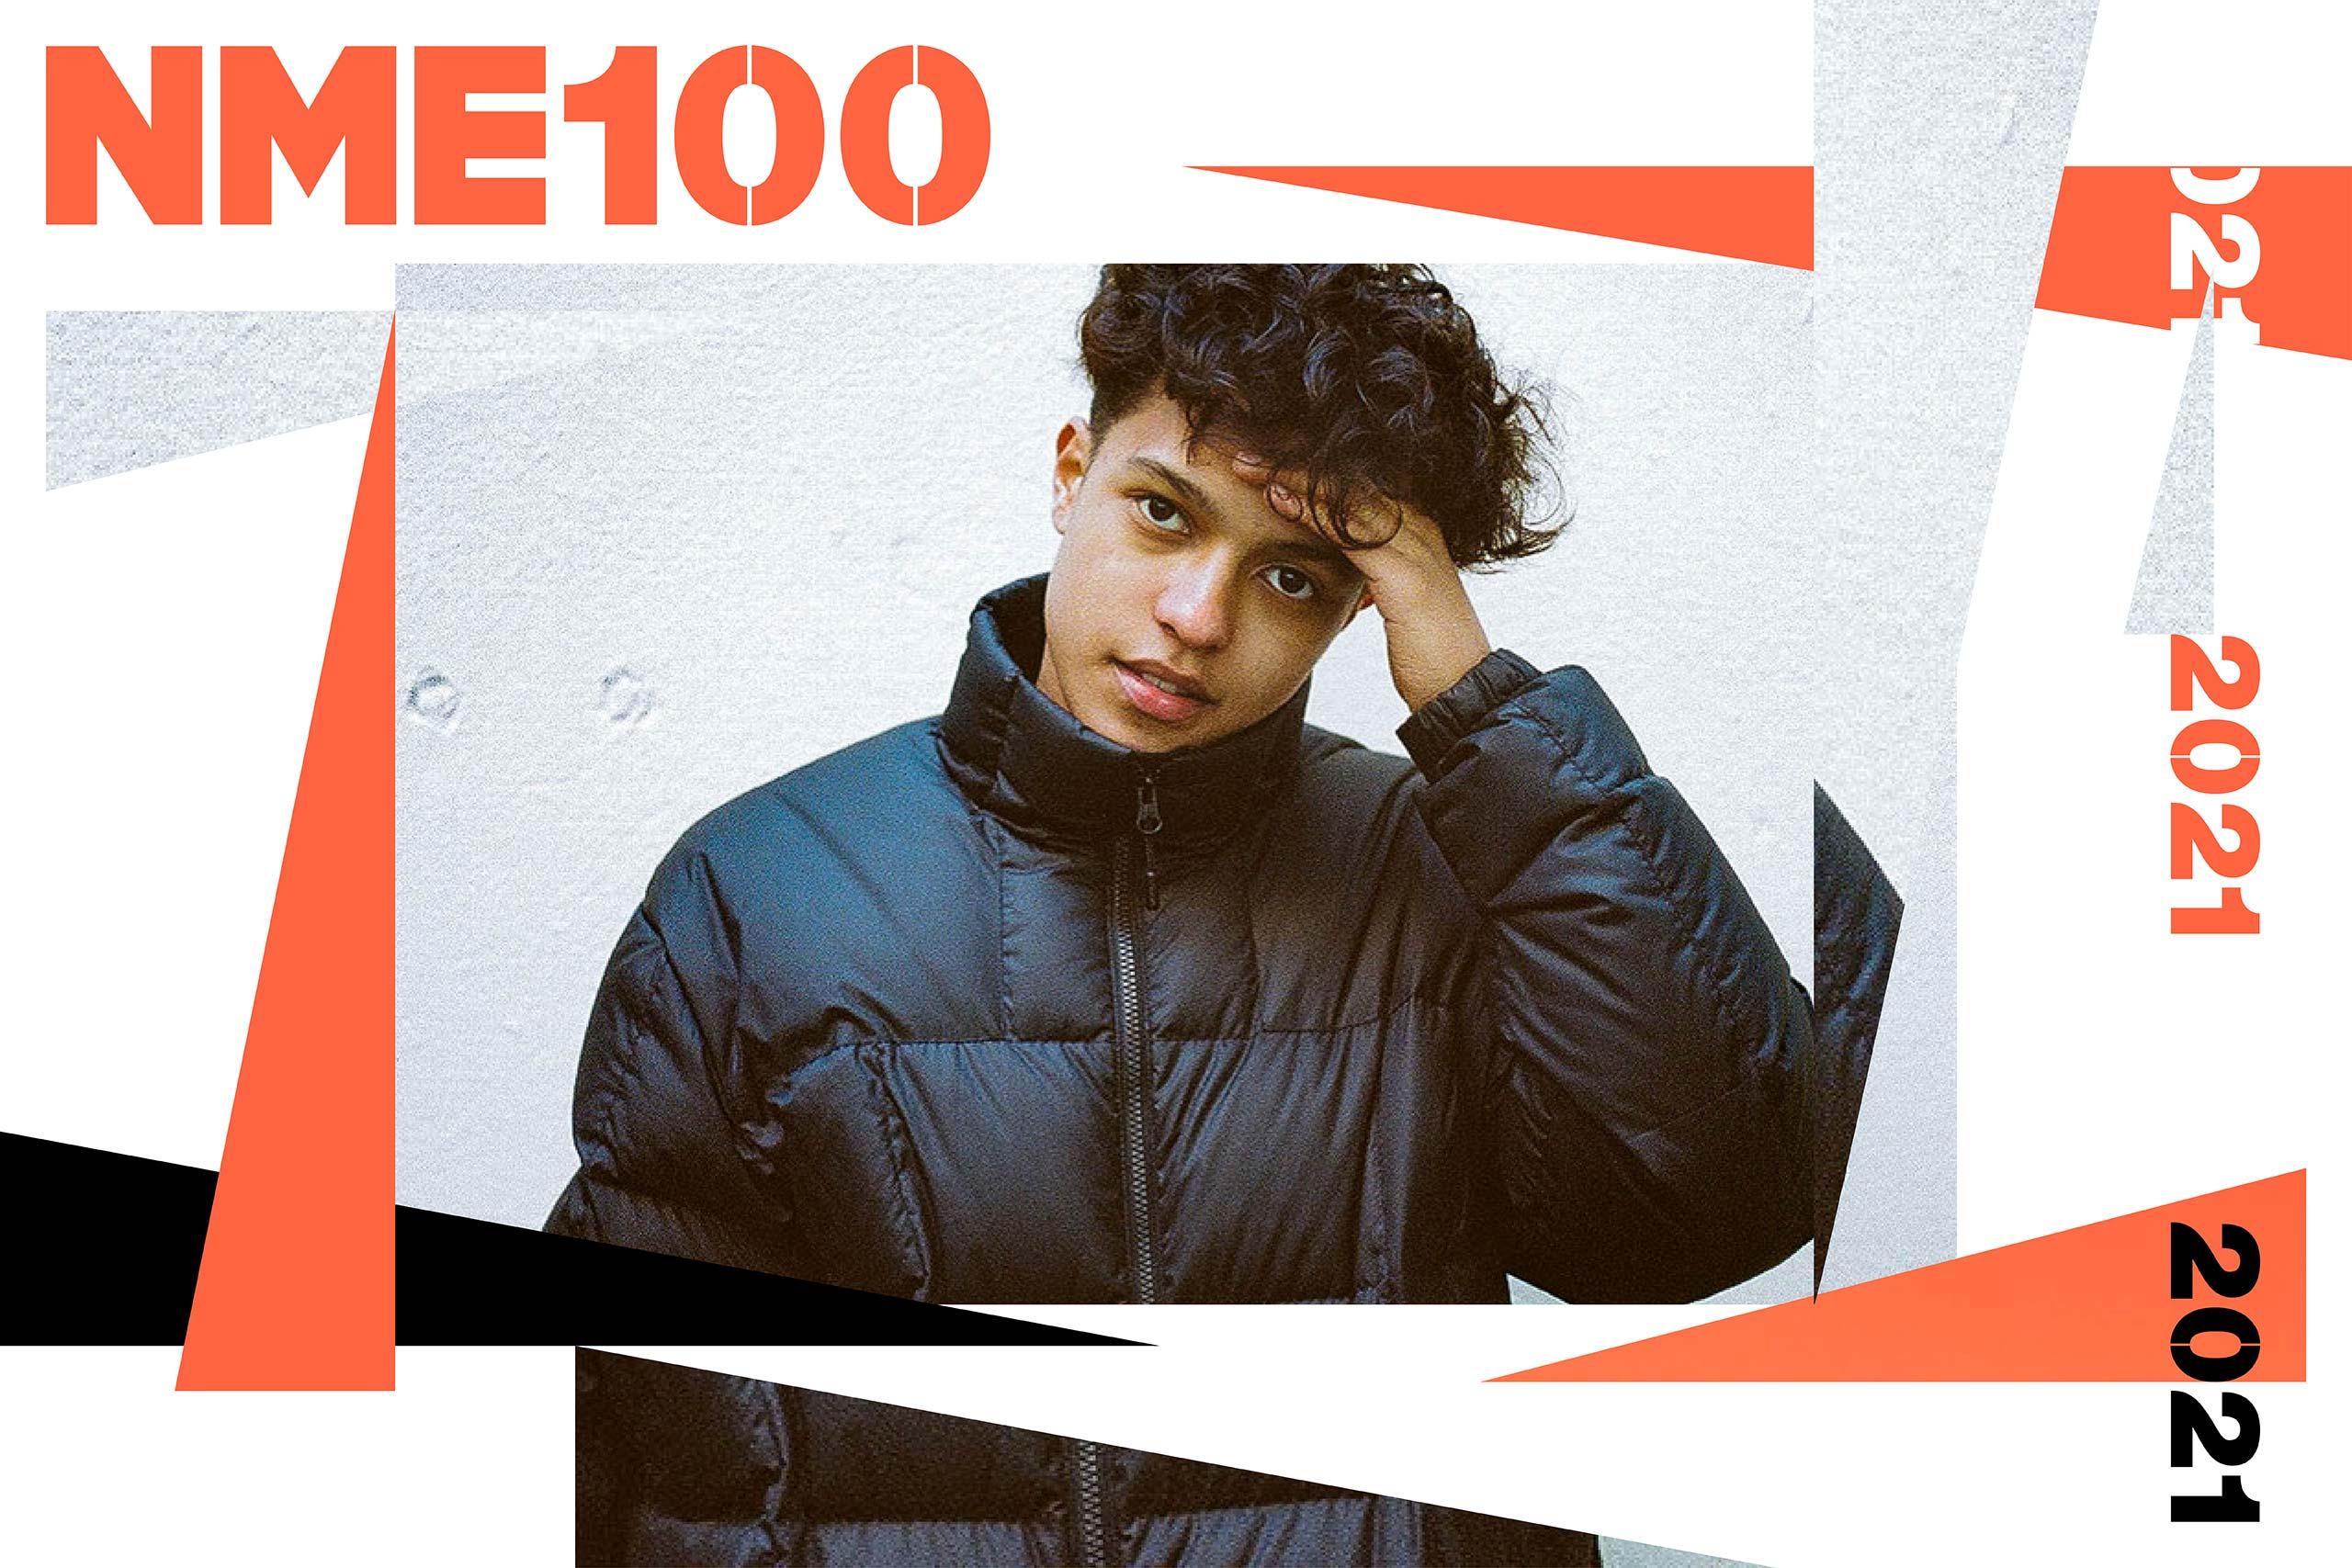 NME 100 kamal